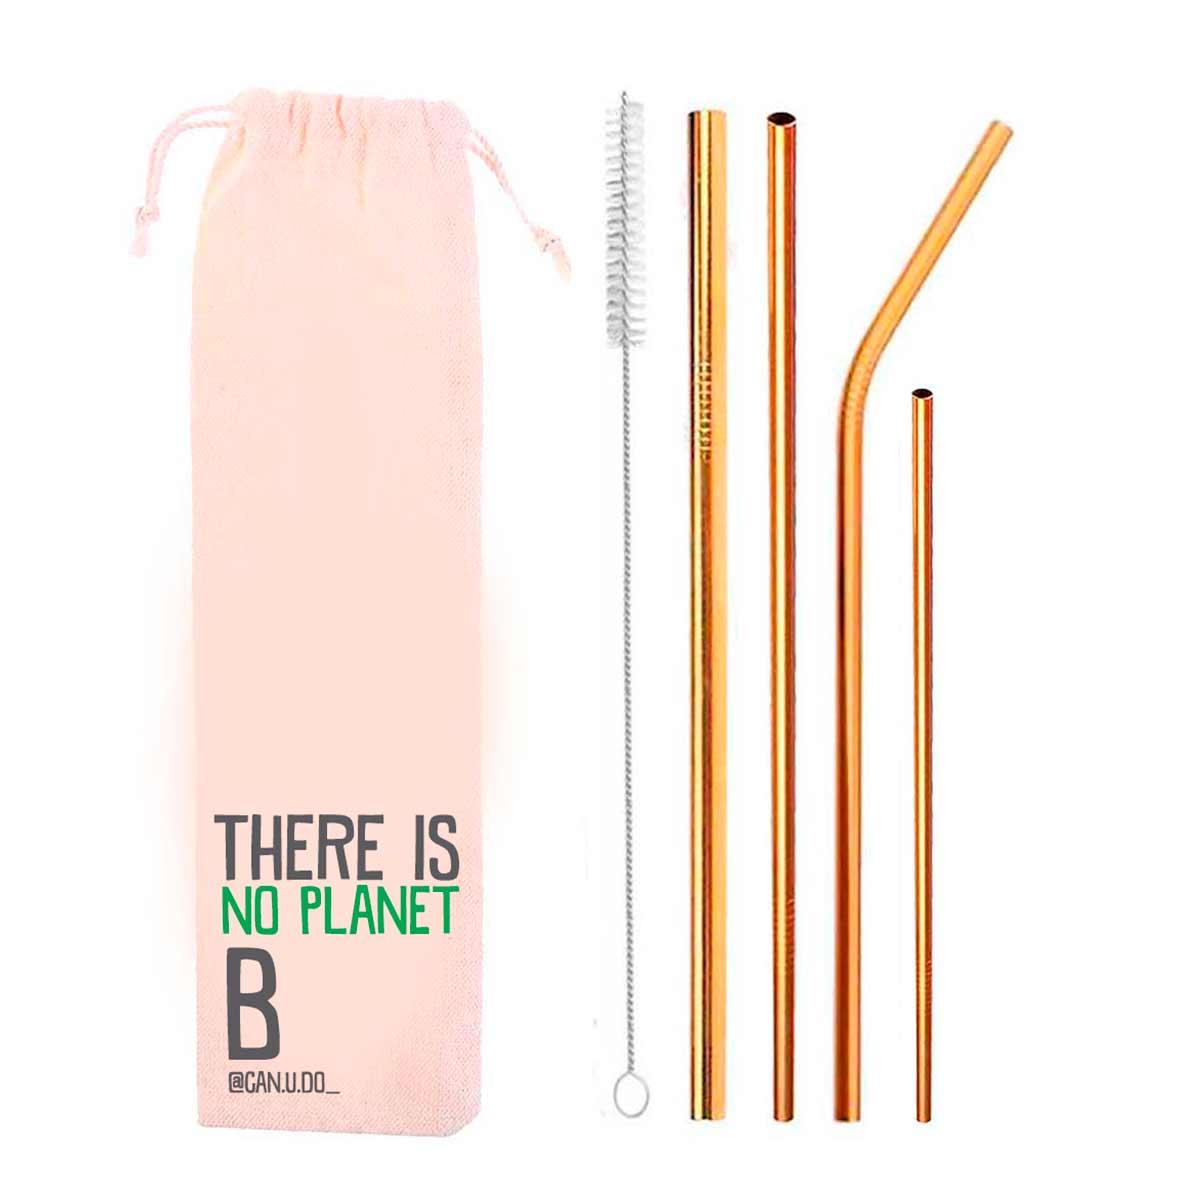 Kit 6 em 1- 4 Canudos de Inox Dourado + Escova + Ecobag Planet B (Shake 8mm)